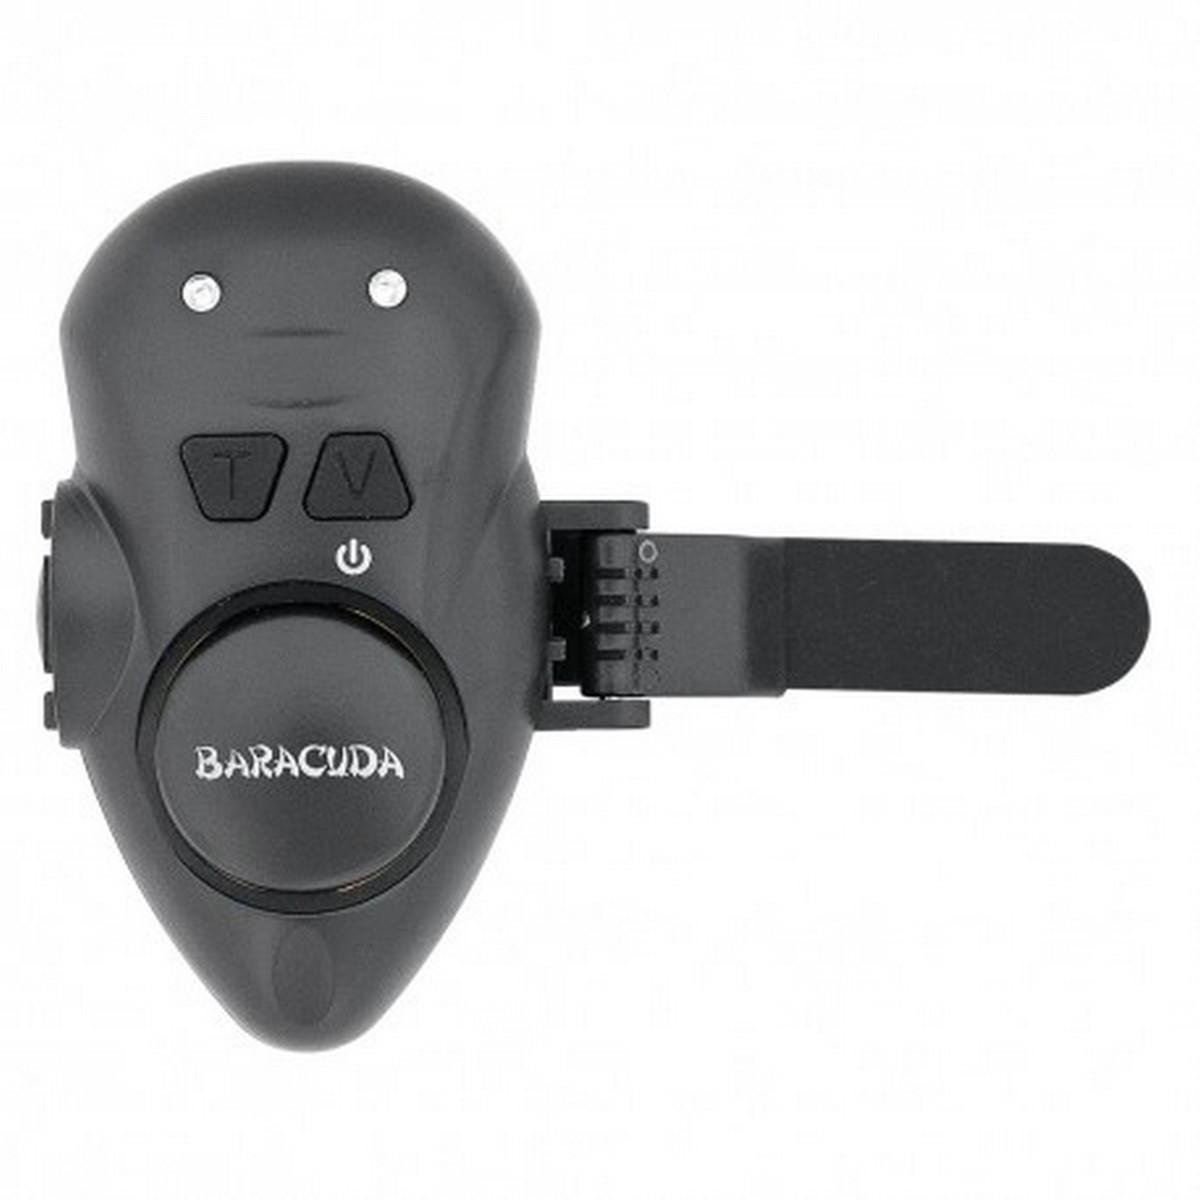 signalizator za vudica baracuda